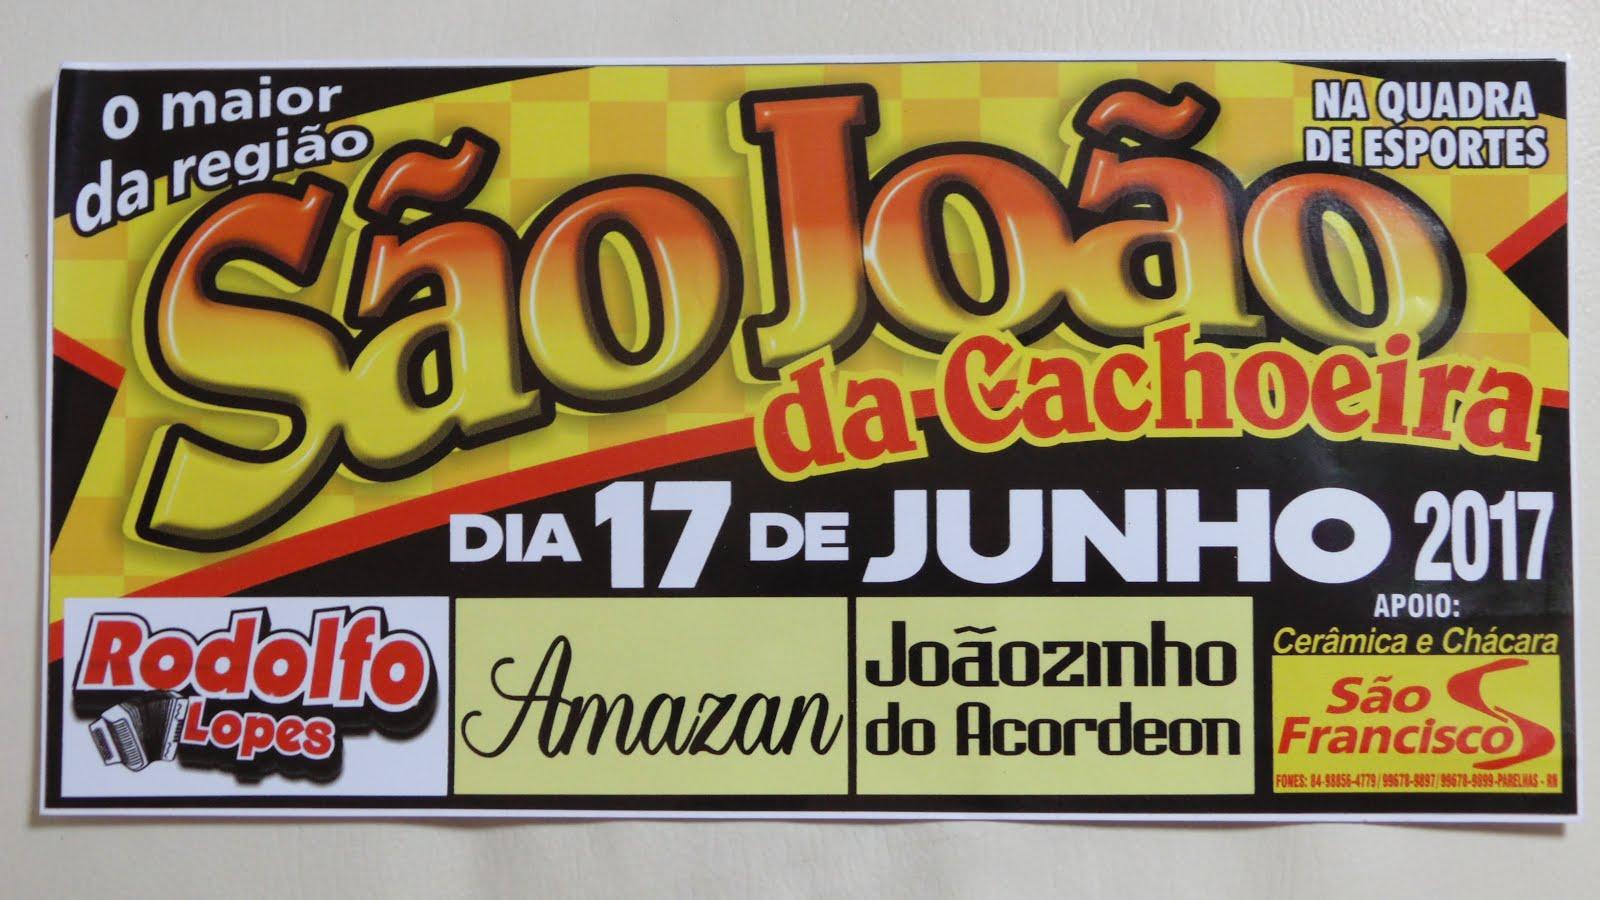 SÃO JOÃO CACHOEIRA